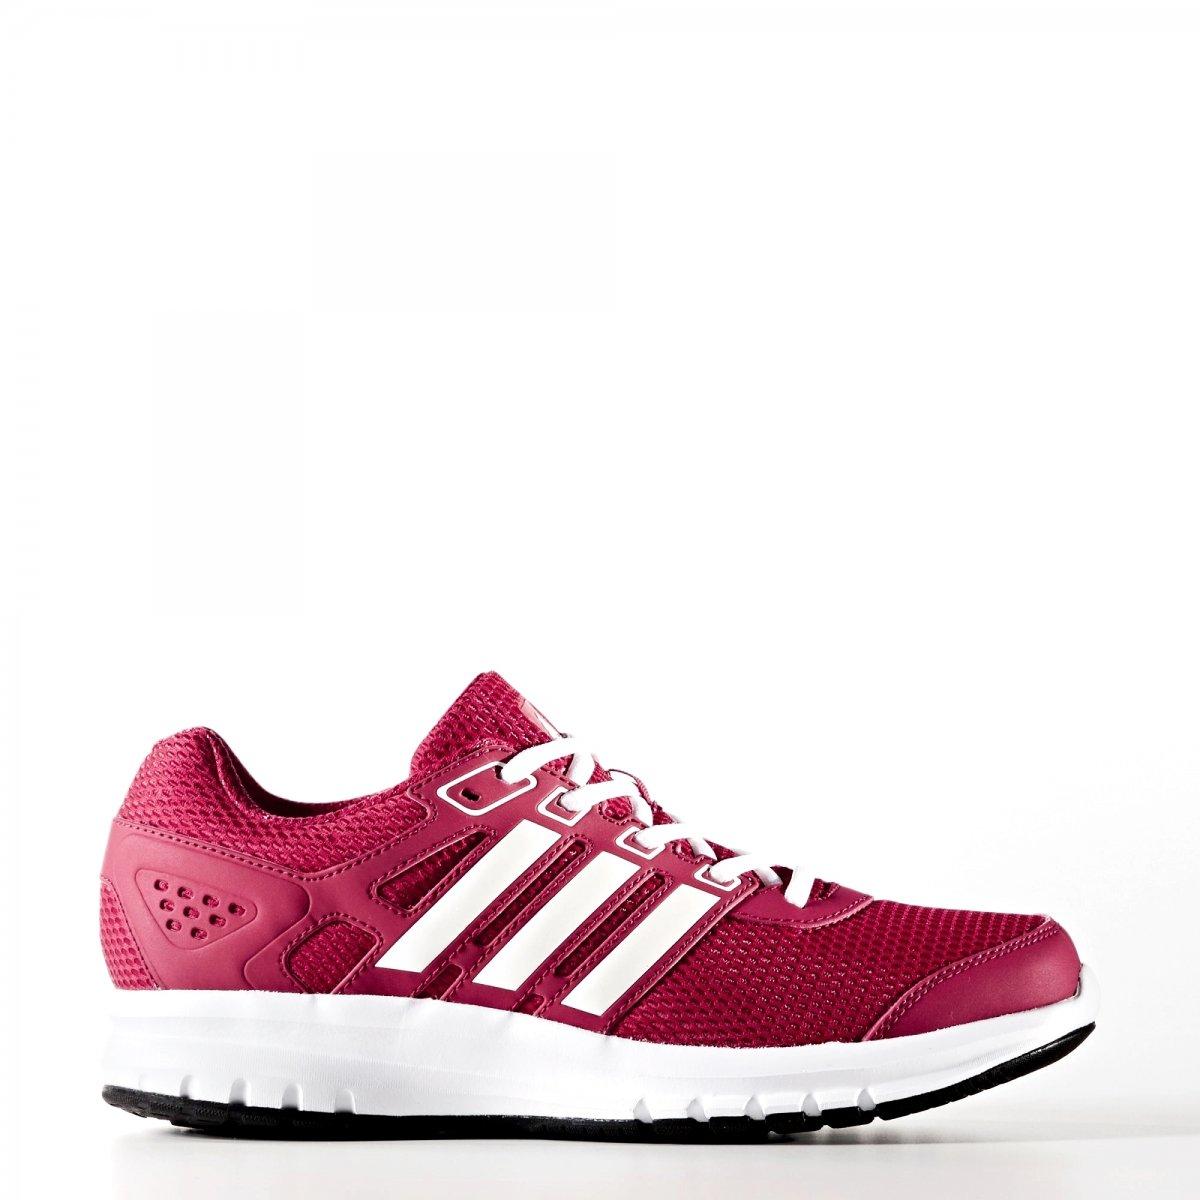 8660d5c913 Tênis Feminino Adidas Duramo Lite W BA8113 - Pink Branco - Calçados ...